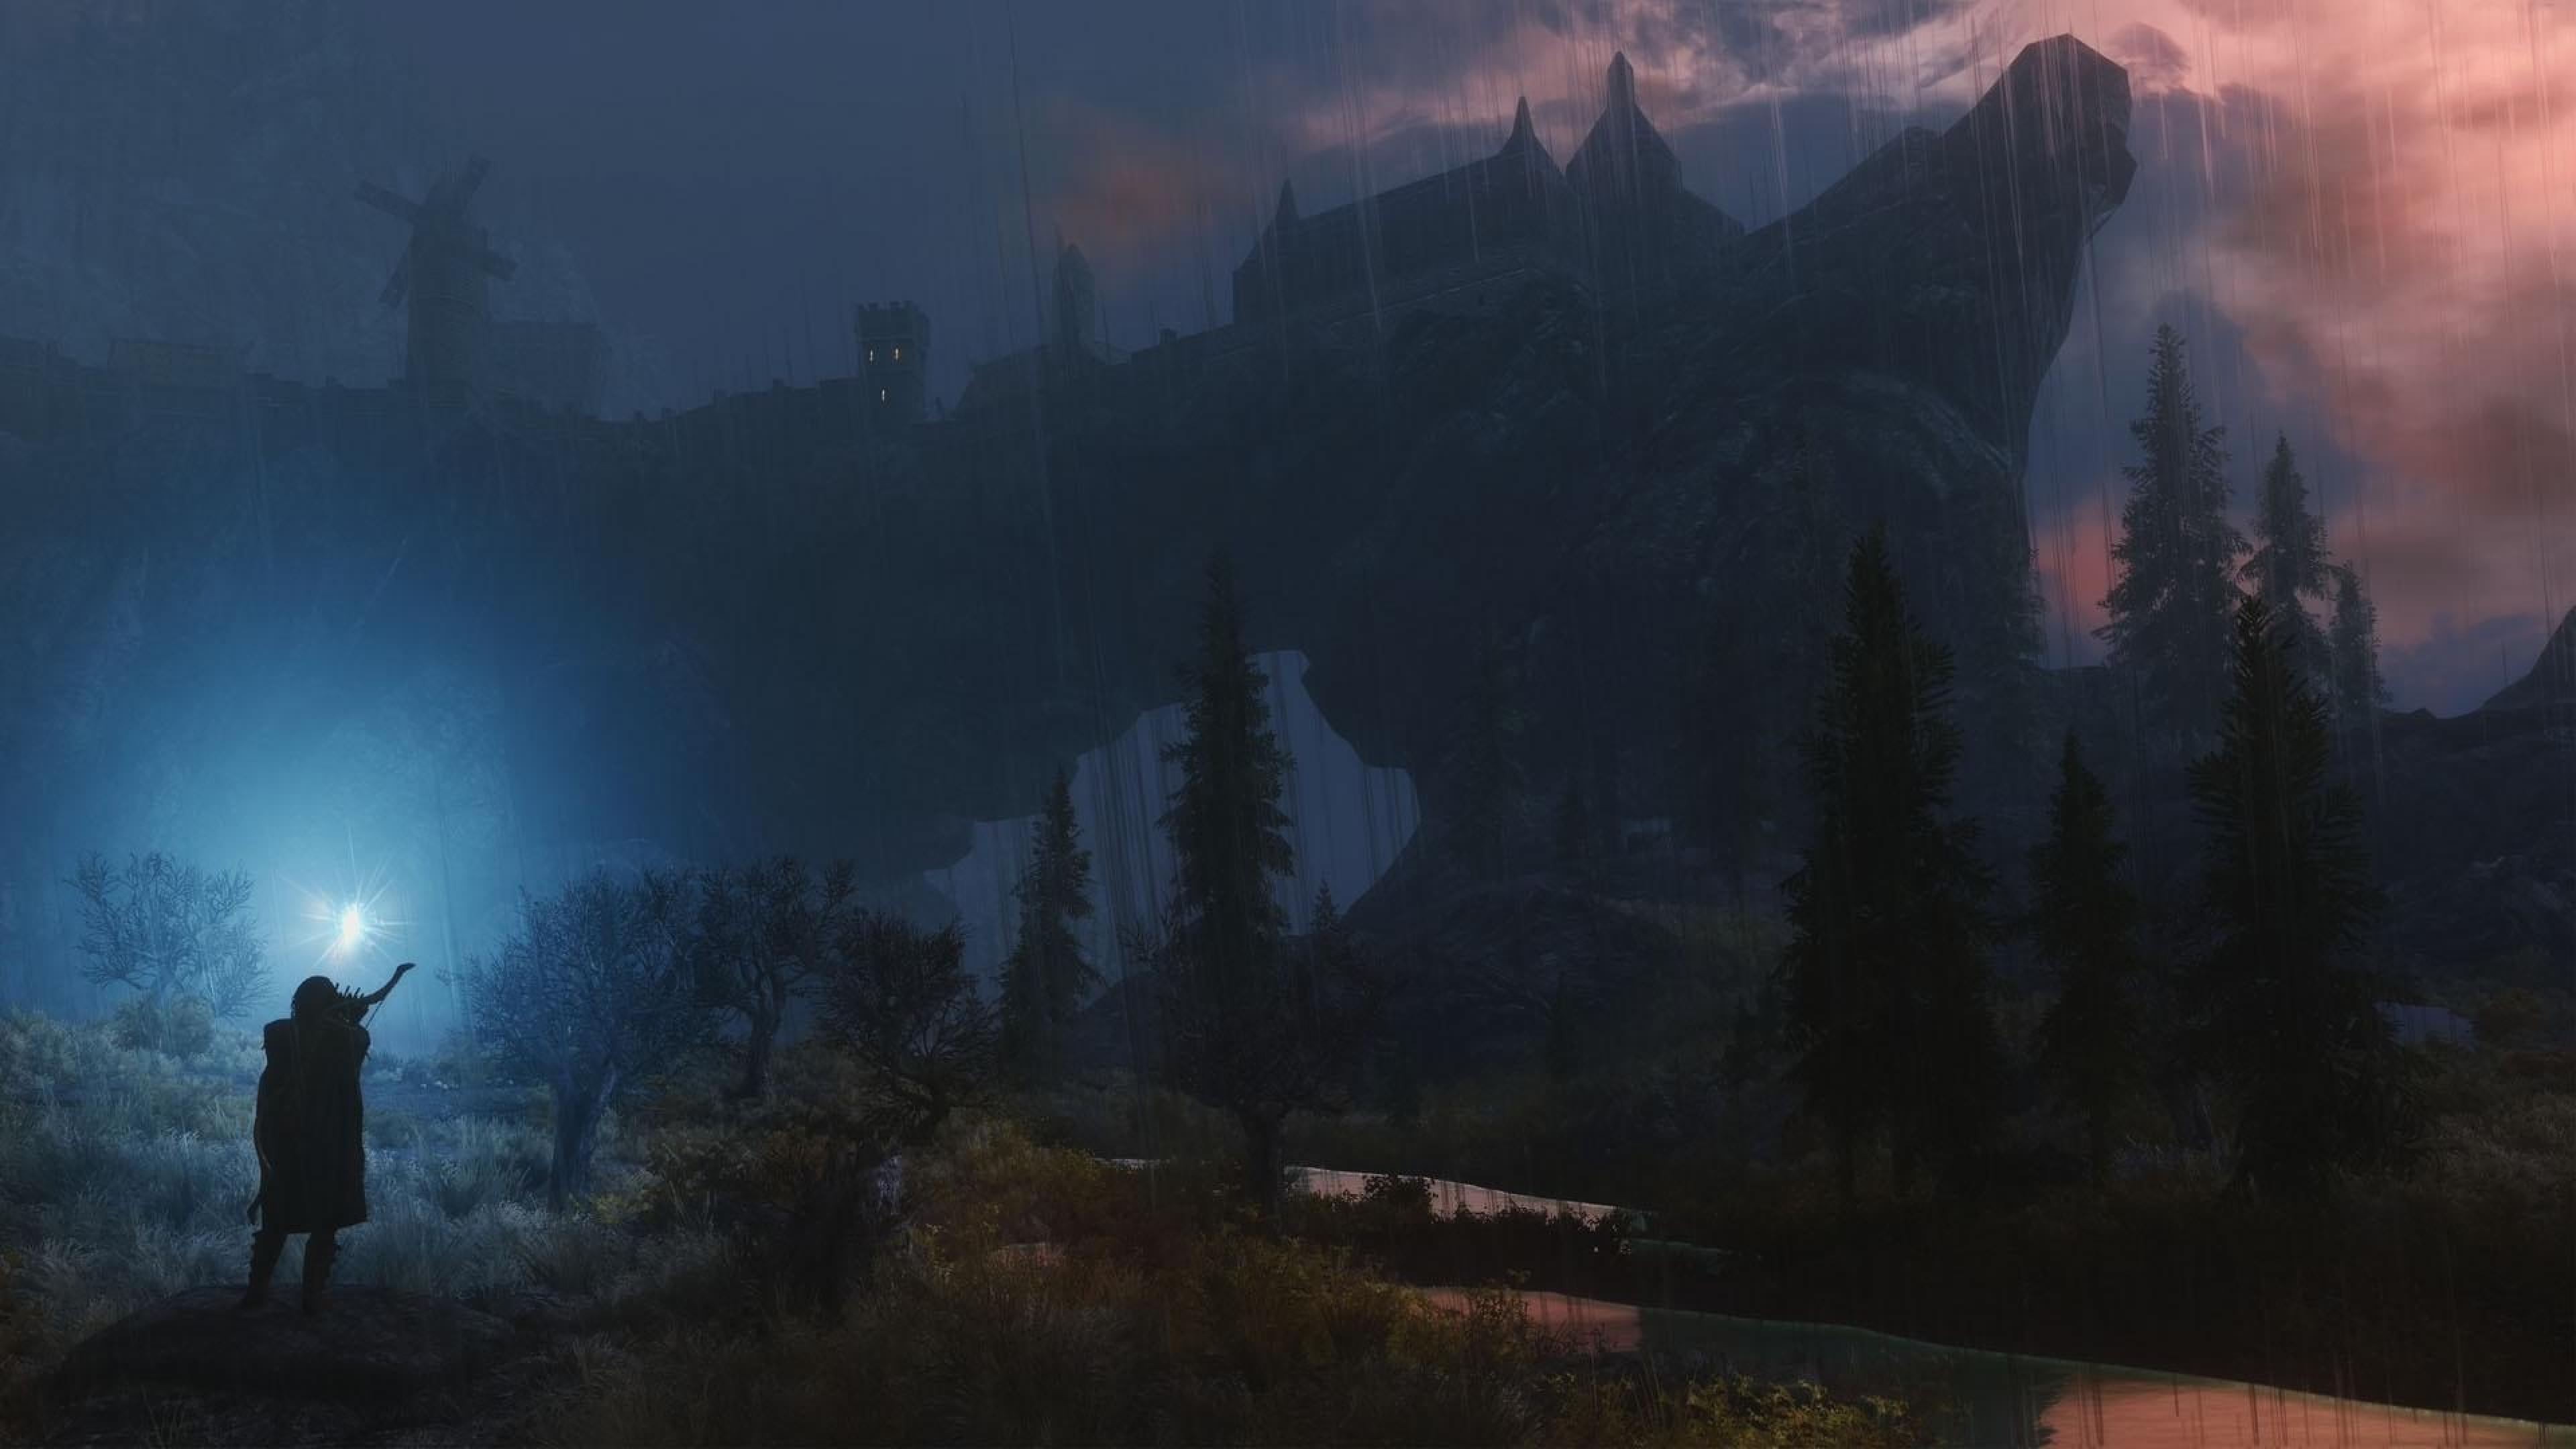 The Elder Scrolls V Skyrim Backgrounds 4K Download 3840x2160